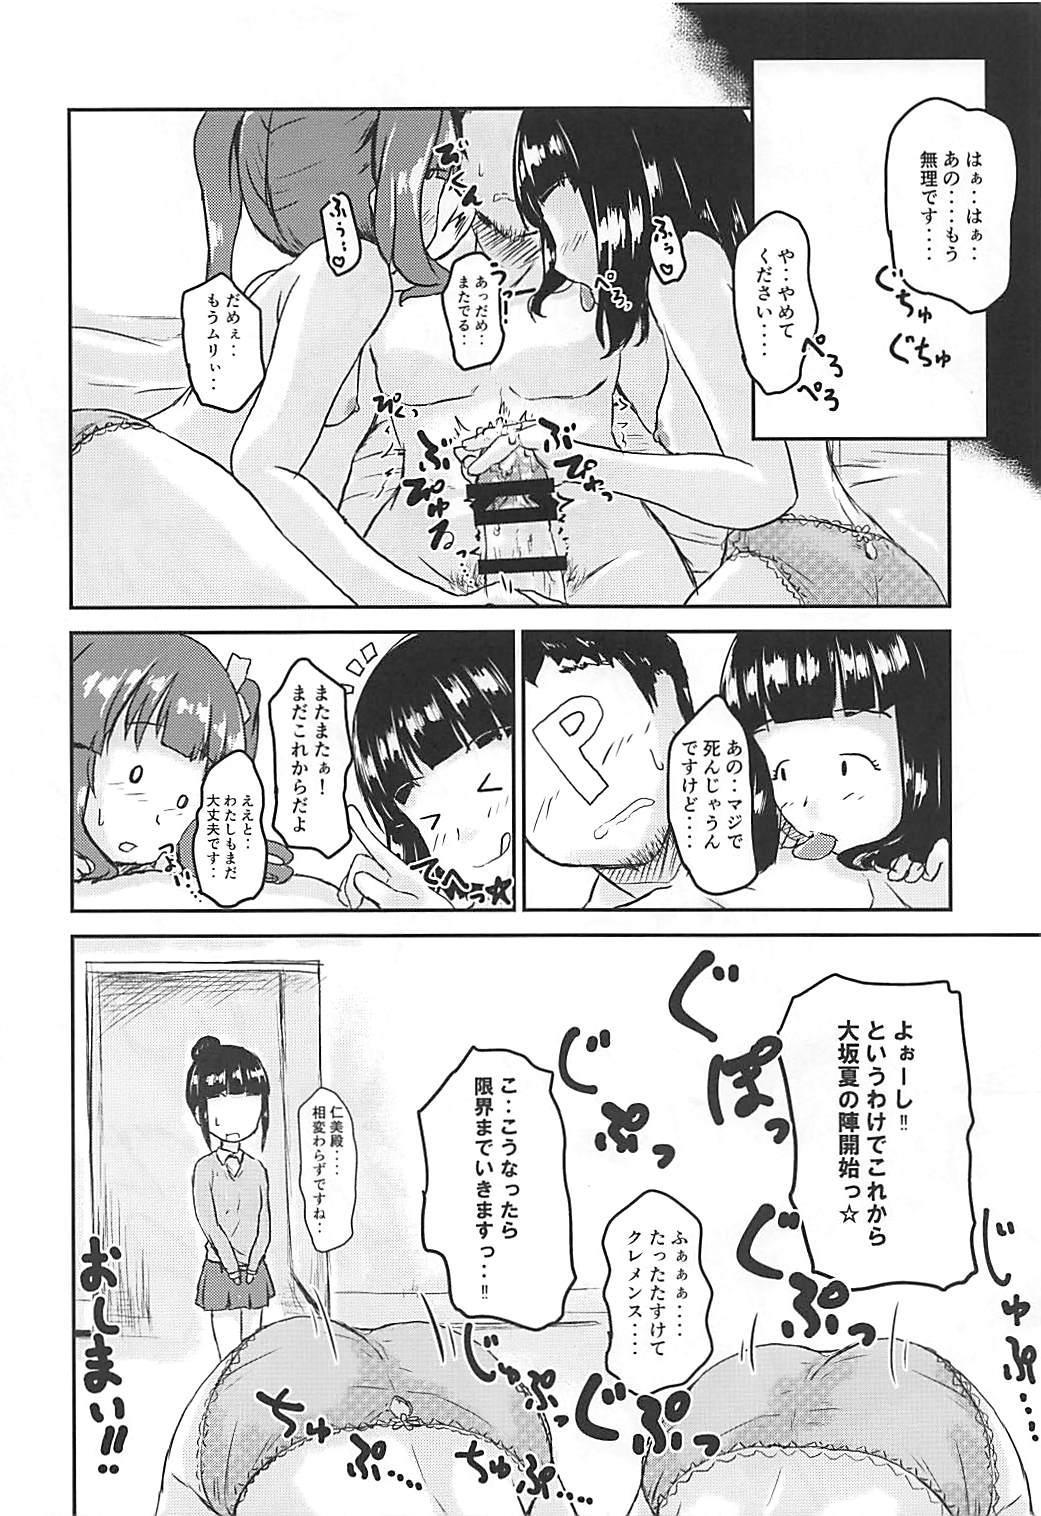 Shin Idol no Pants o Nugasanaide XX Suru Hon 38